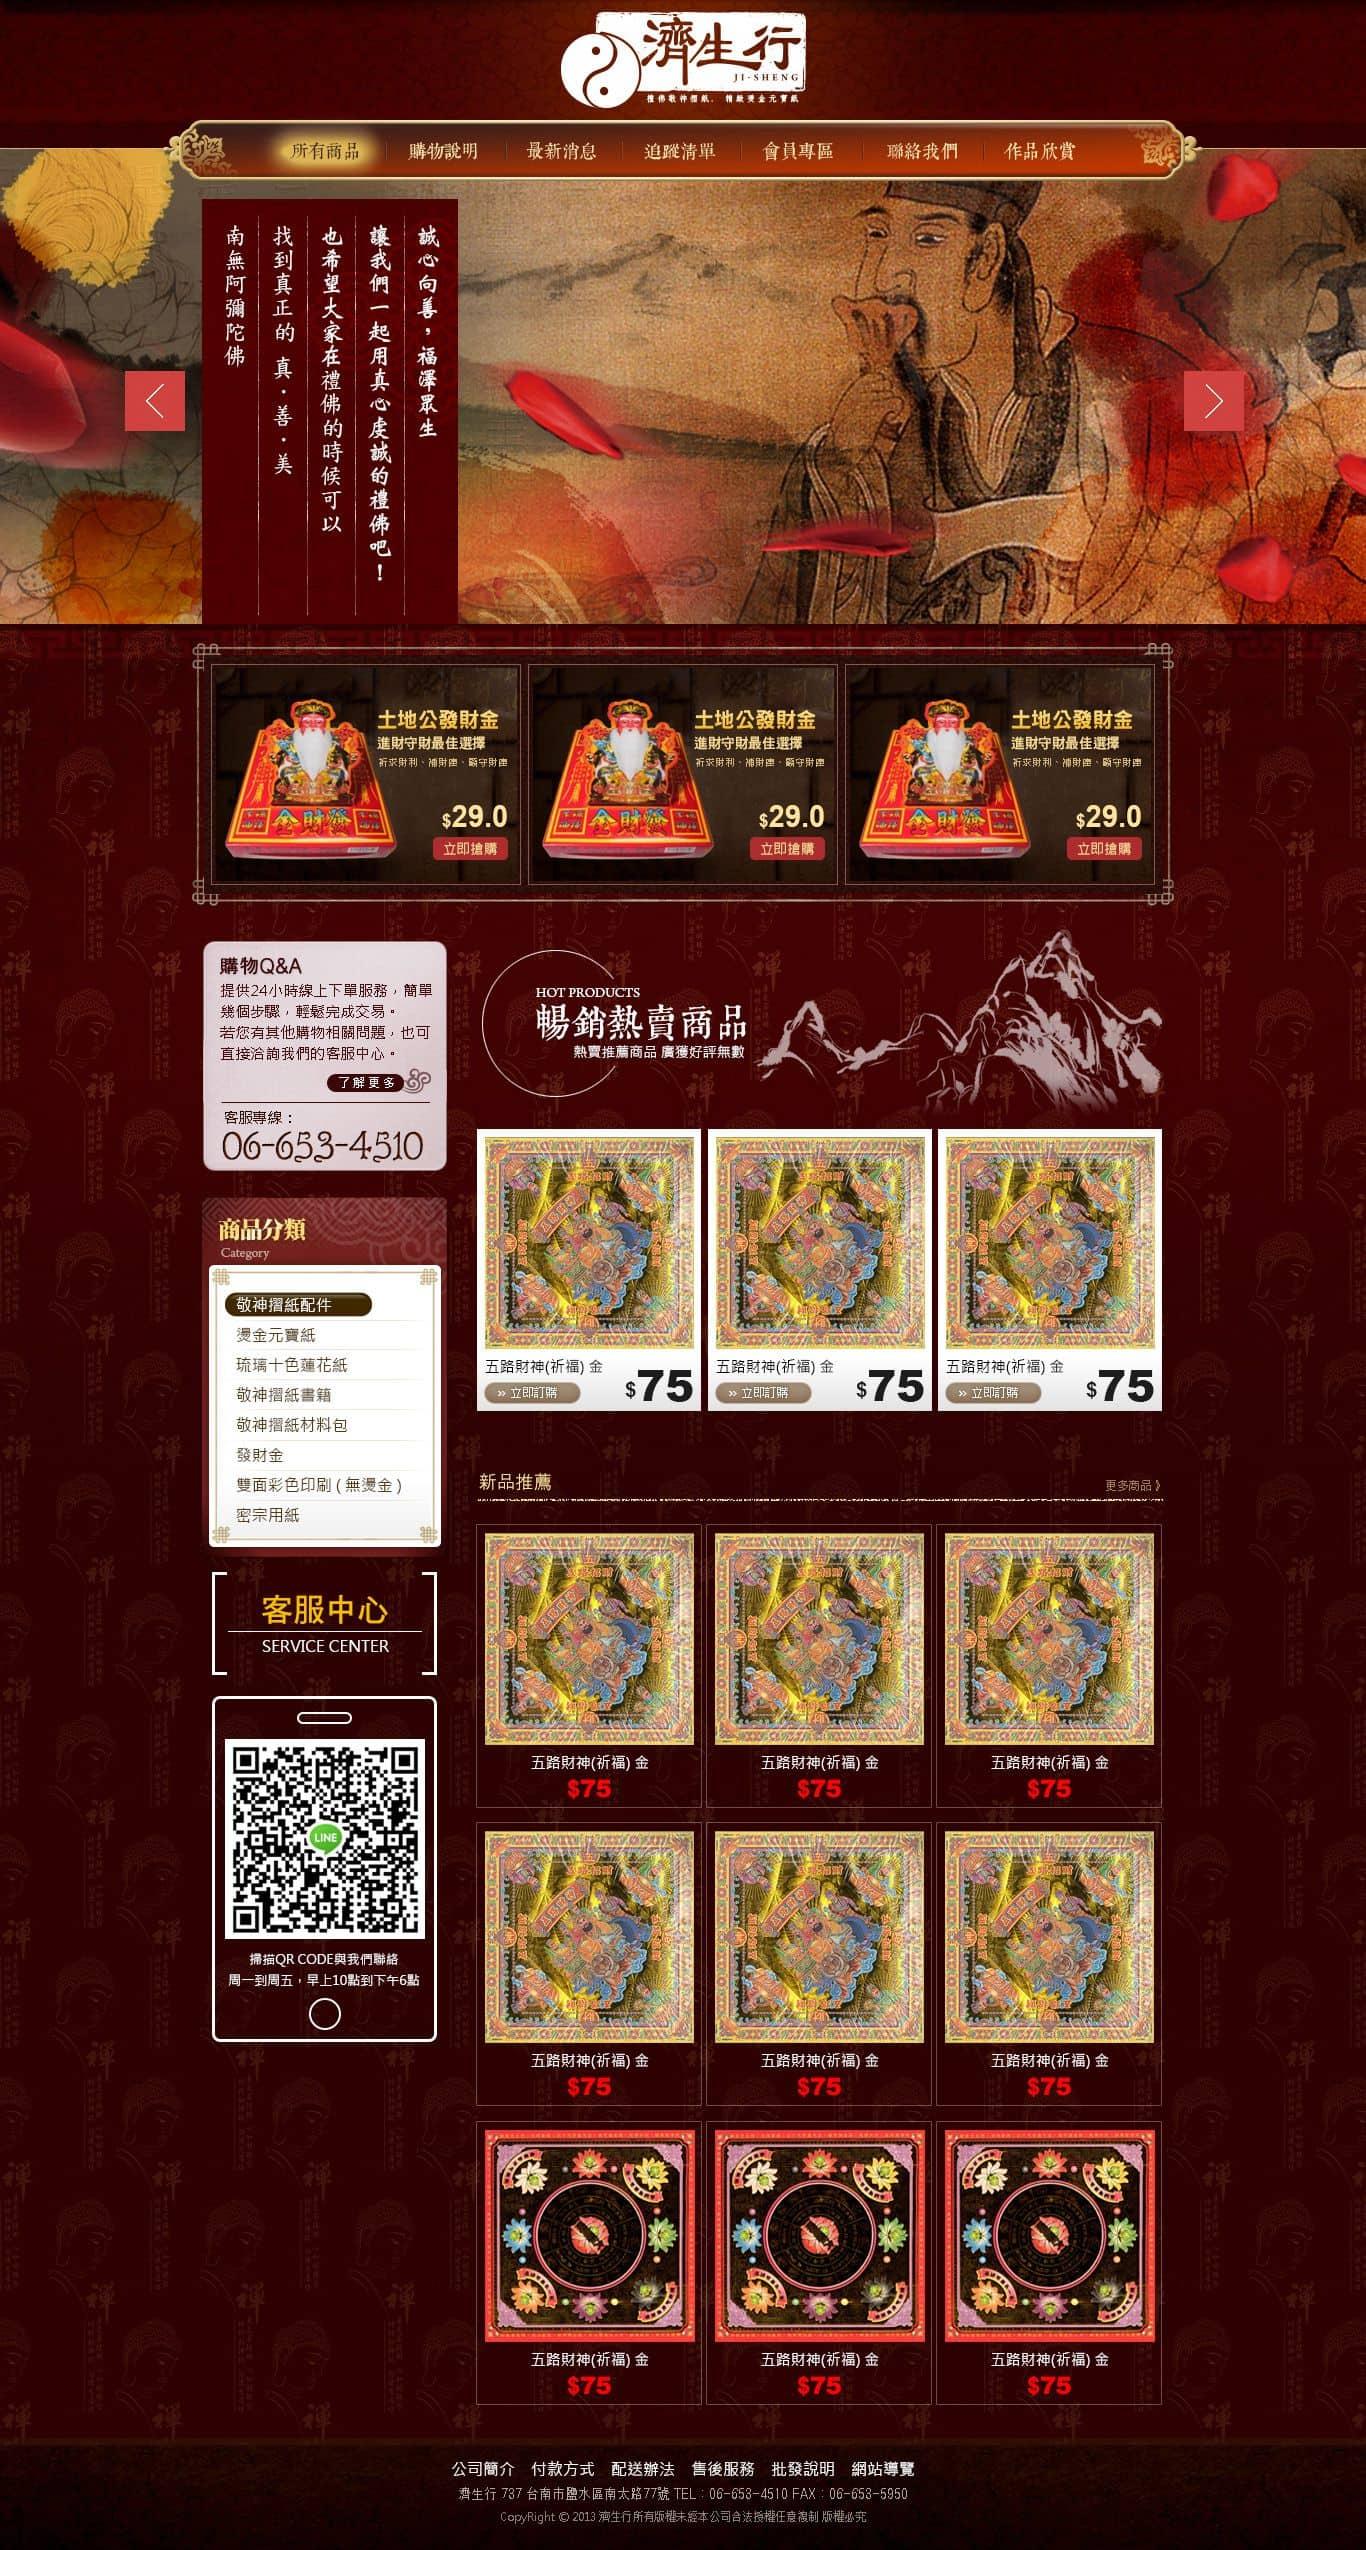 濟生行網頁設計